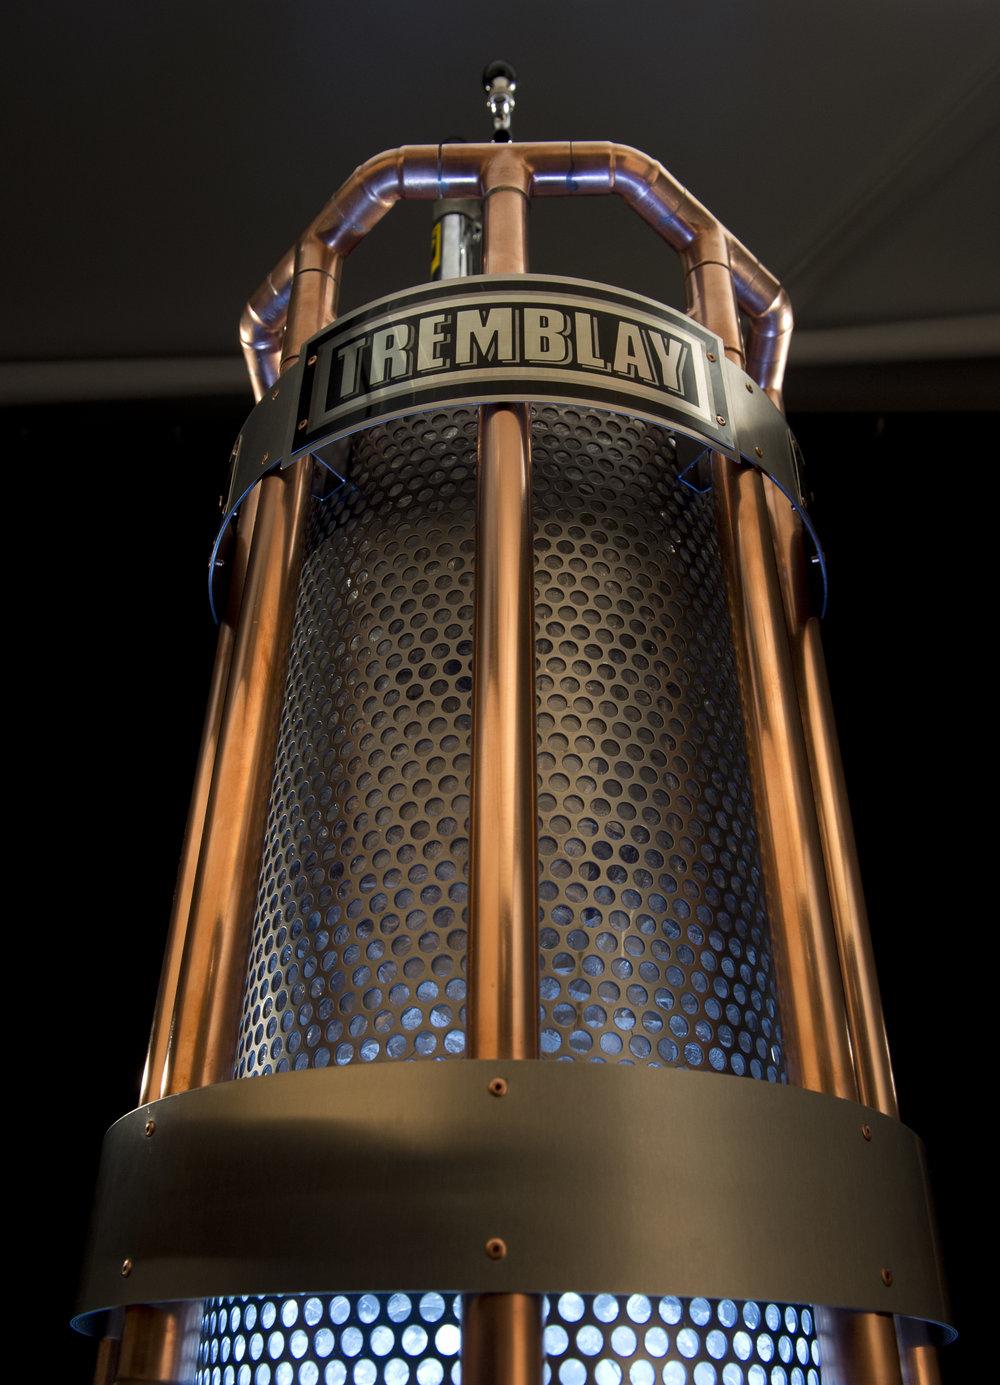 le trophée tremblay remis aux gagnants de la saison régulière (photo bruno petrozza)